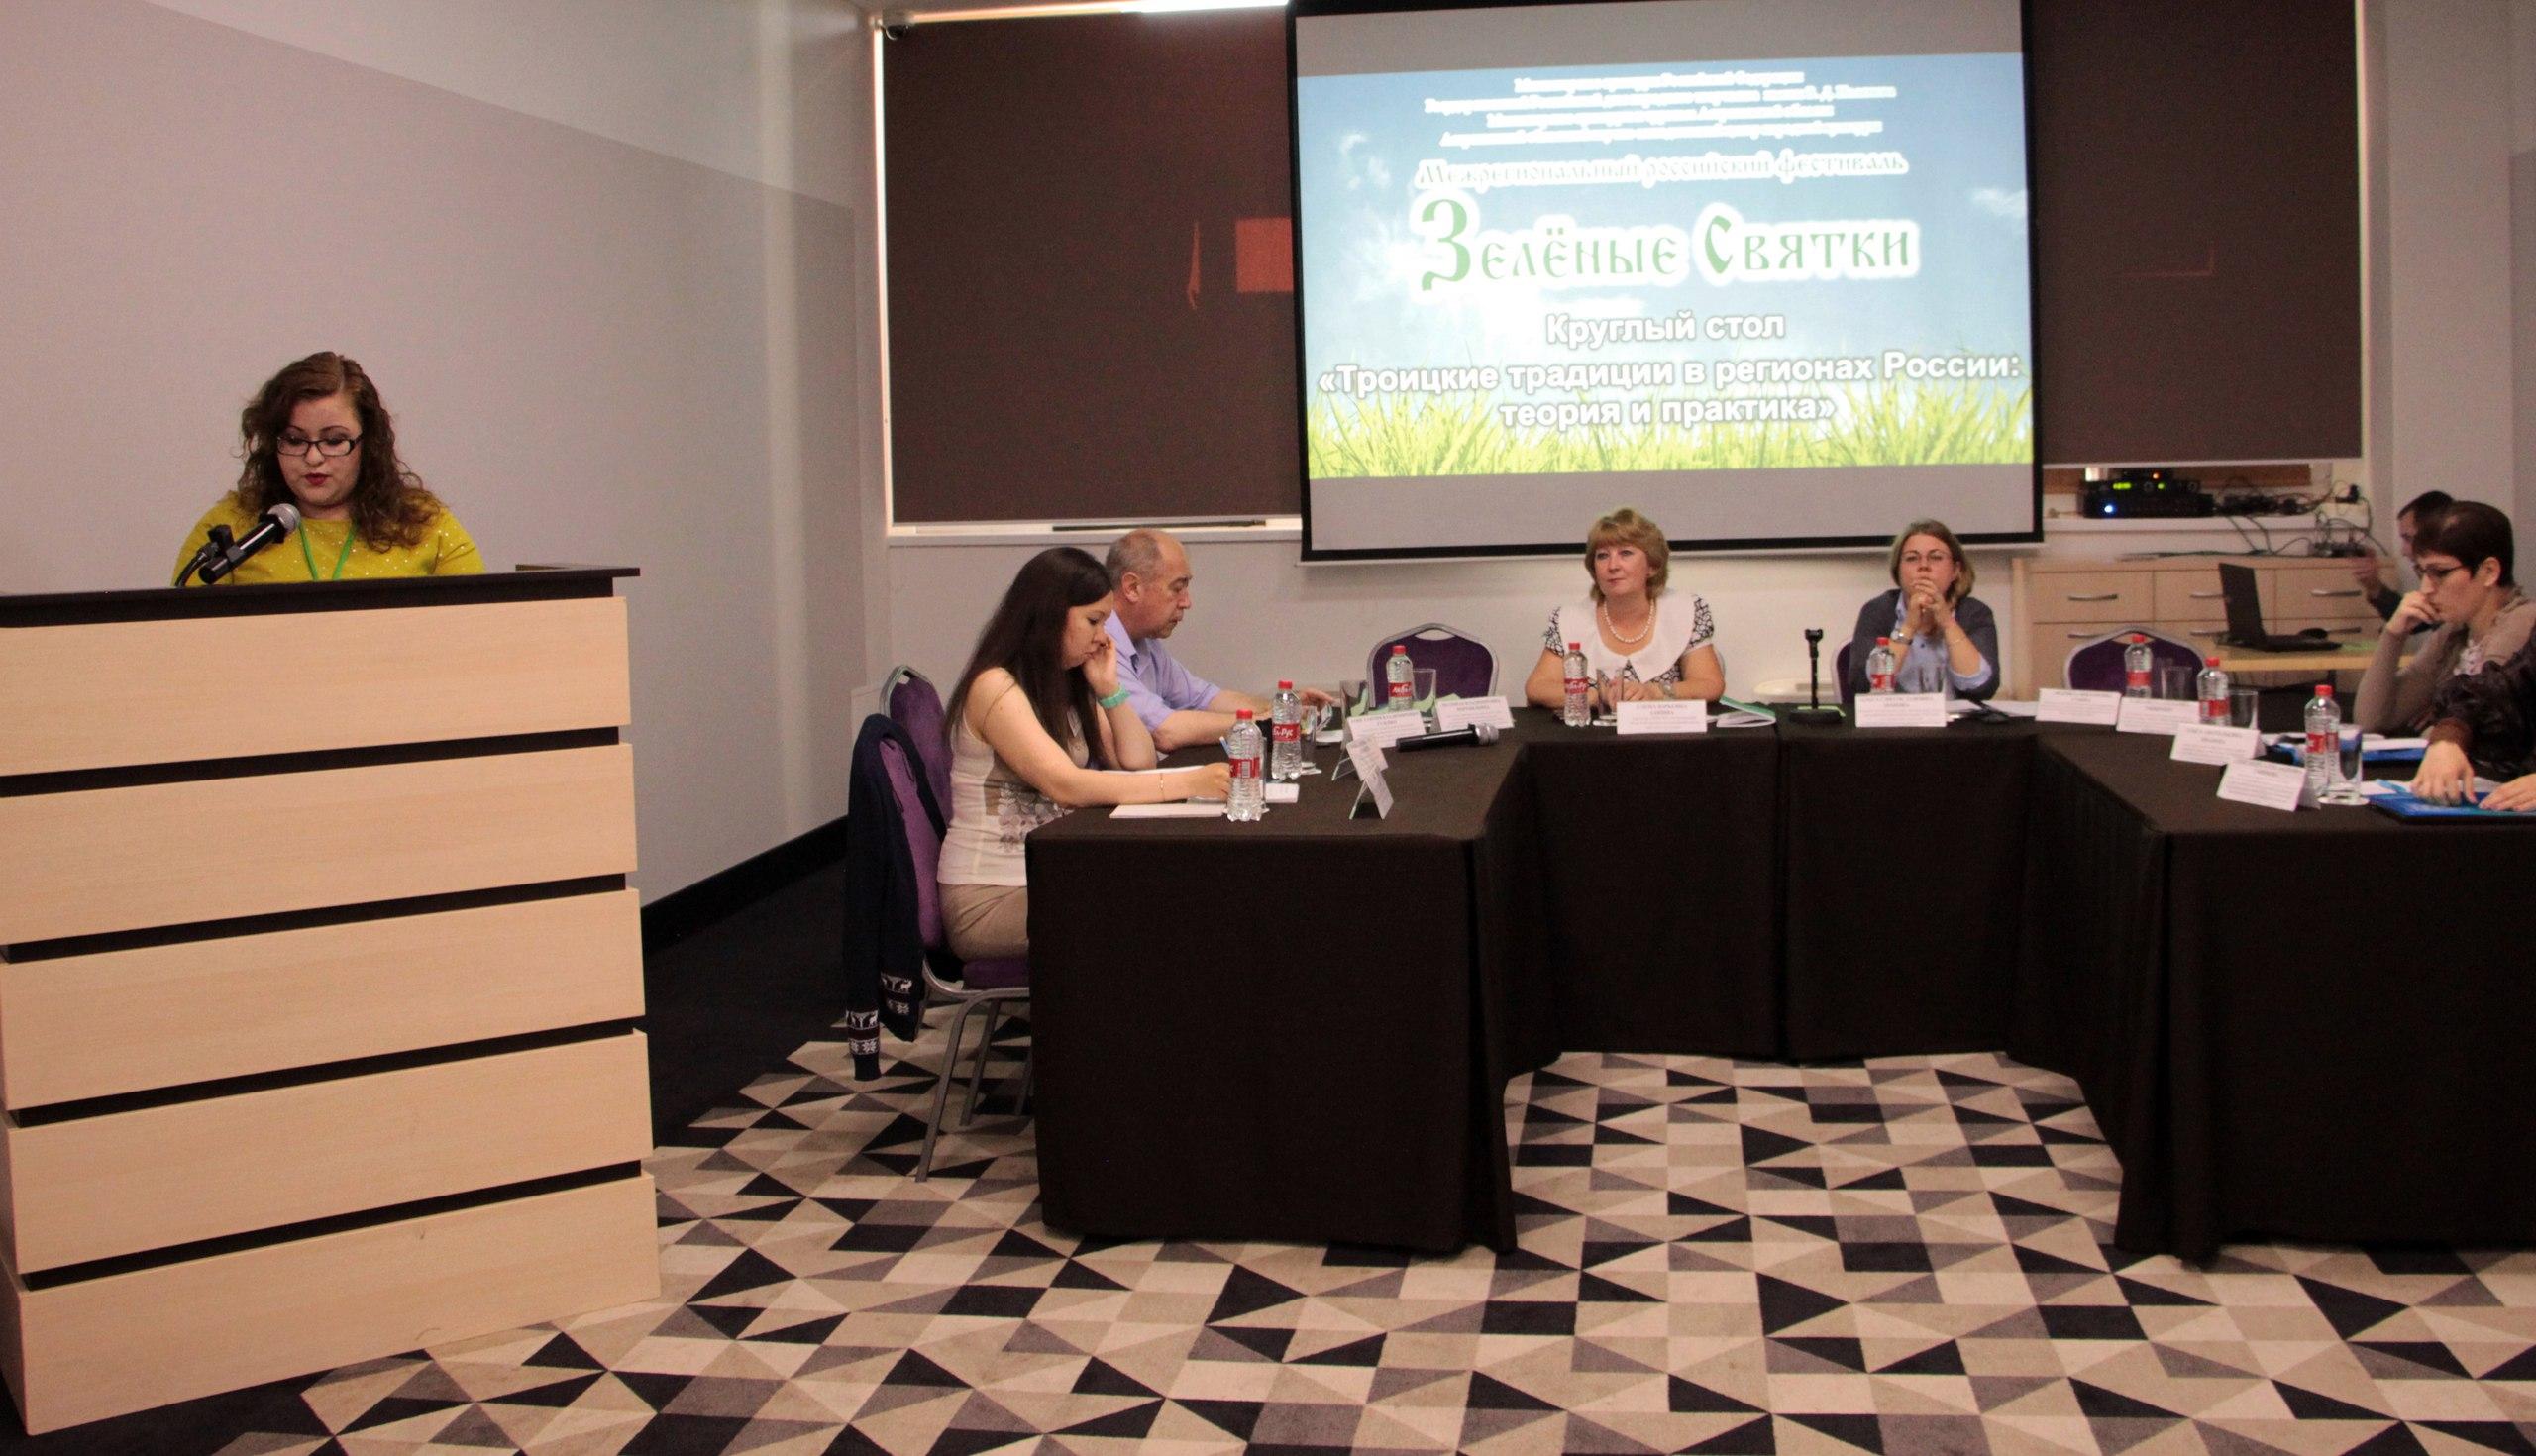 В Астрахани прошел круглый стол, посвященный троицким традициям в регионах России